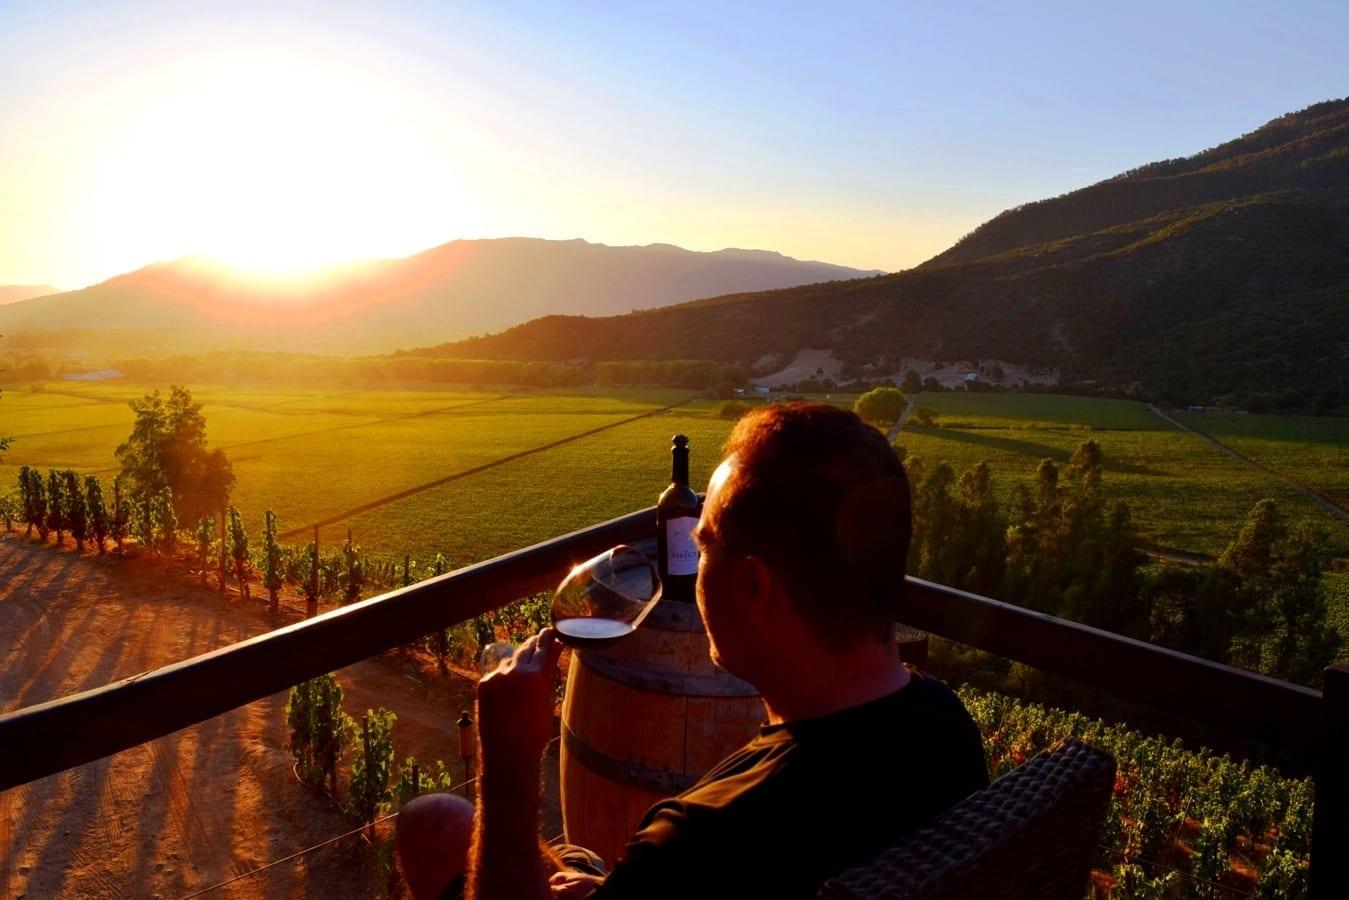 Viña Ventisquero, vinícola ventisquero Tour em Santa Cruz, Colchagua Chile a rota dos vinhos, LikeChile, Vinho Chile